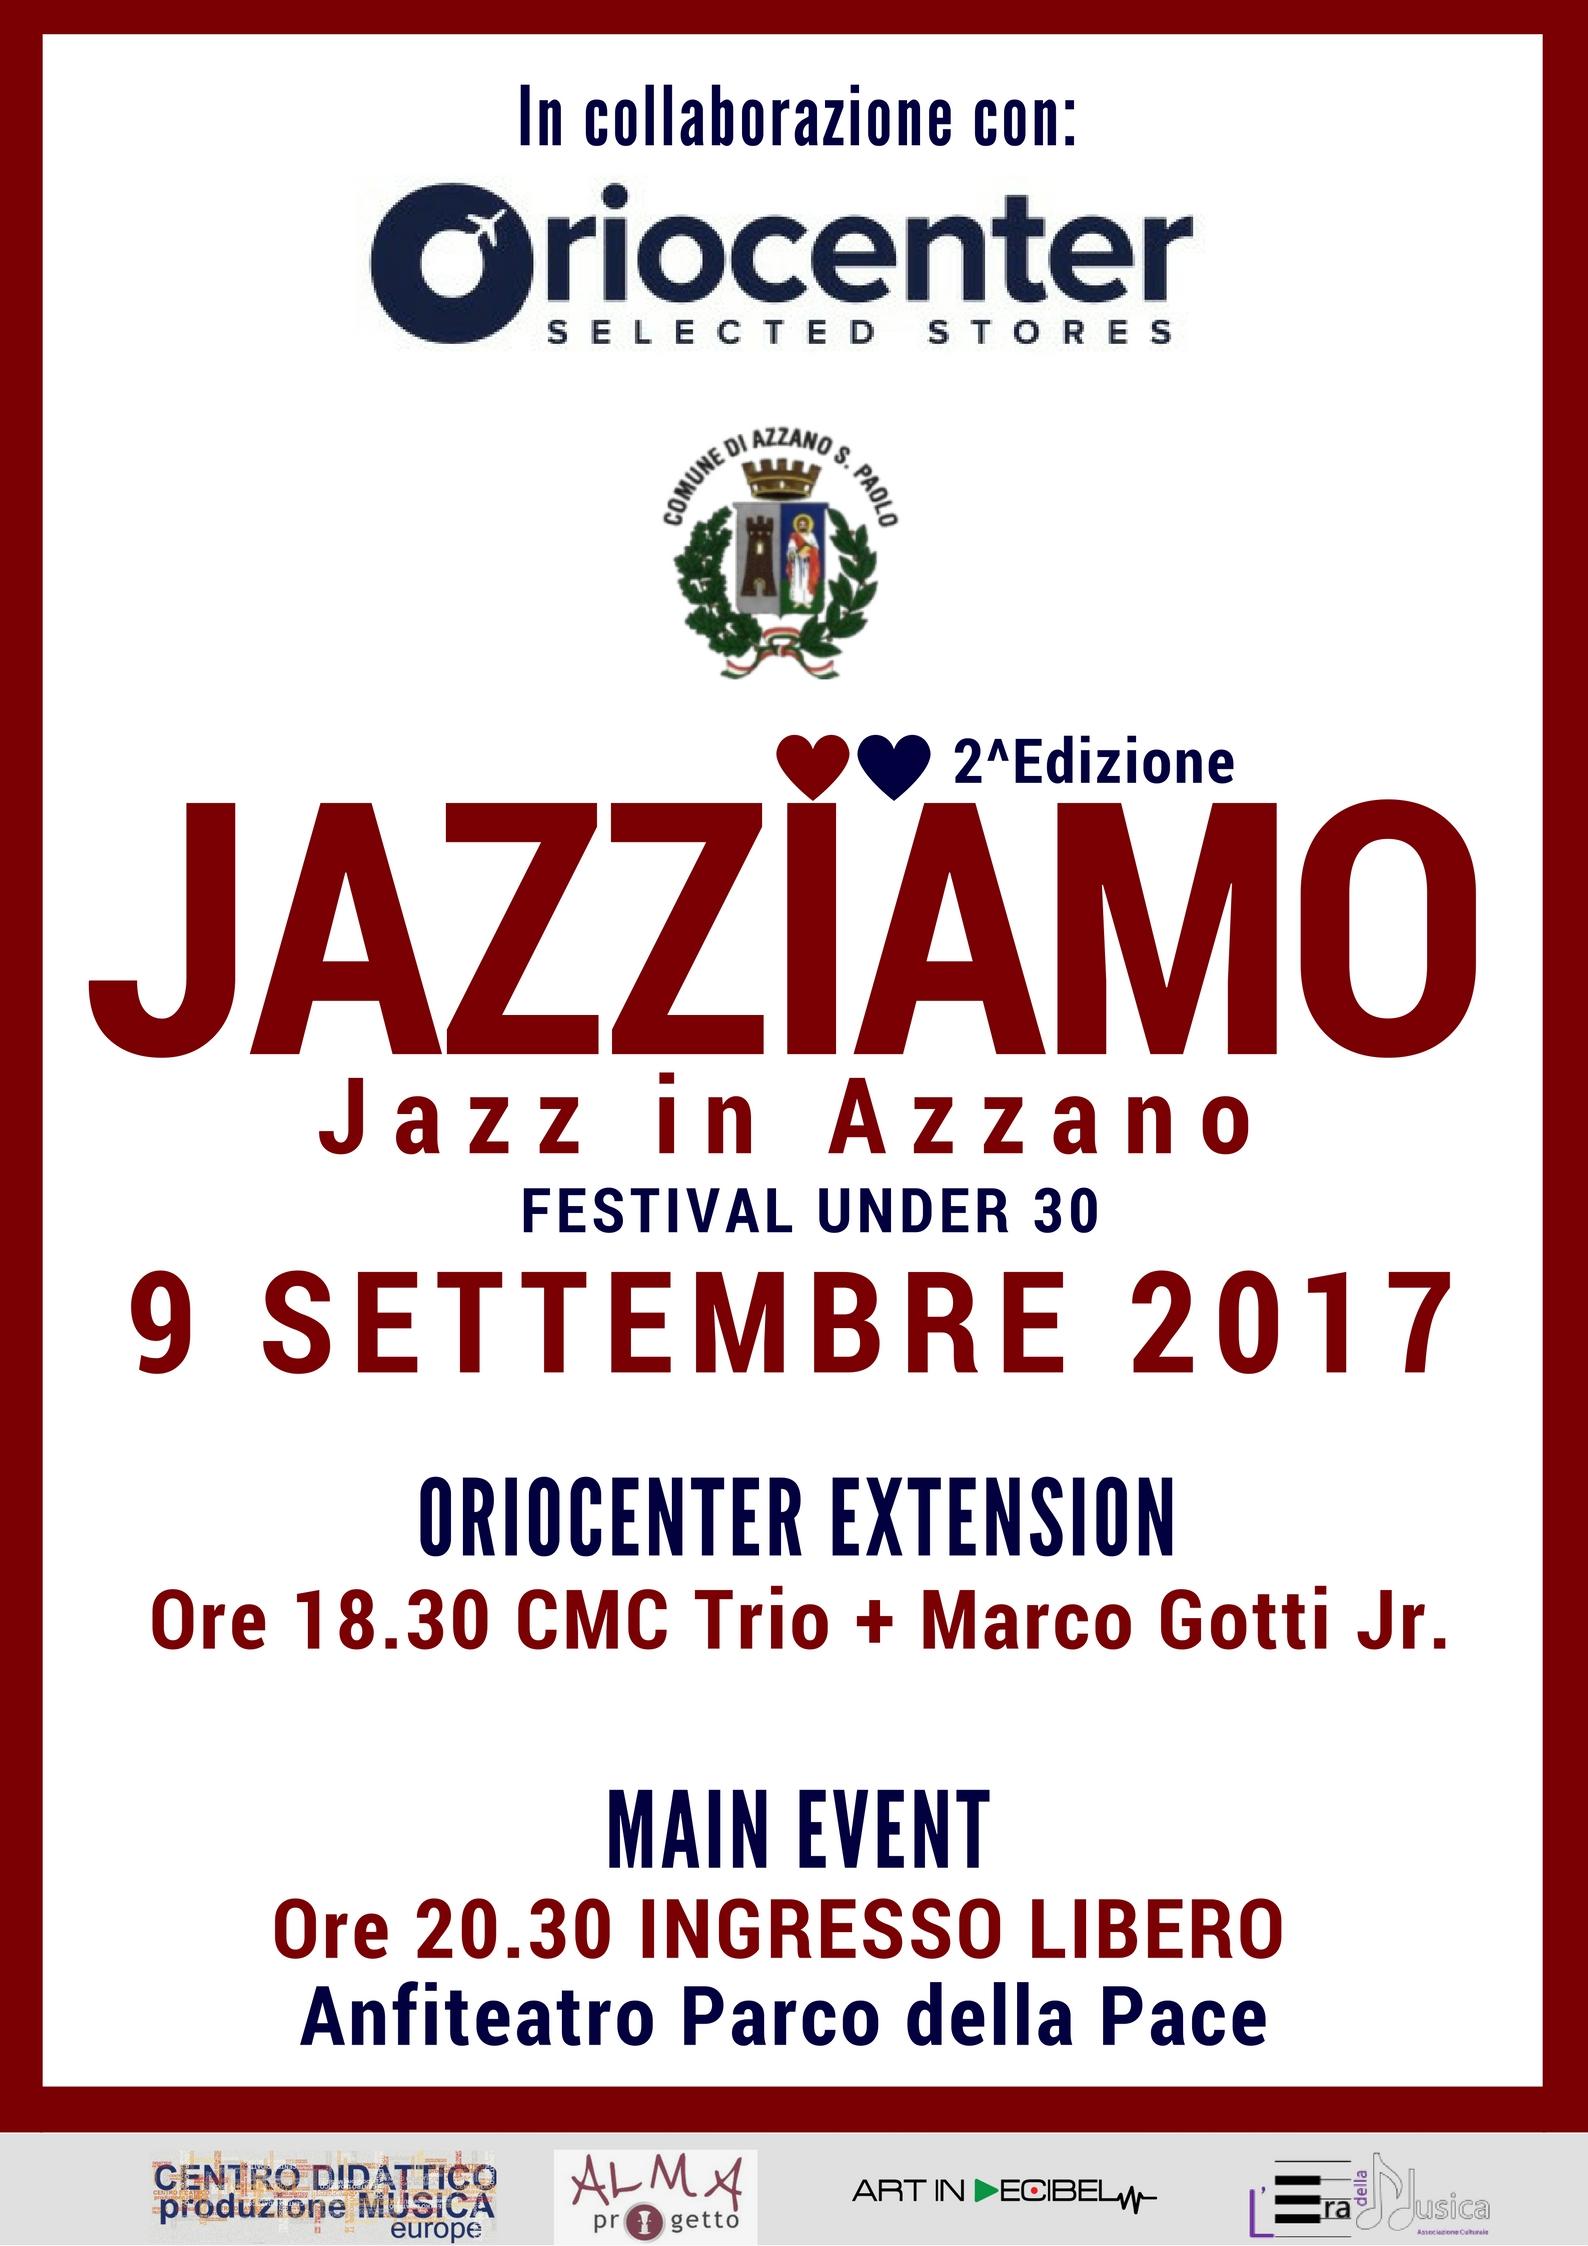 Jazziamo – Jazz in Azzano per musicisti Under 30 – 2a edizione